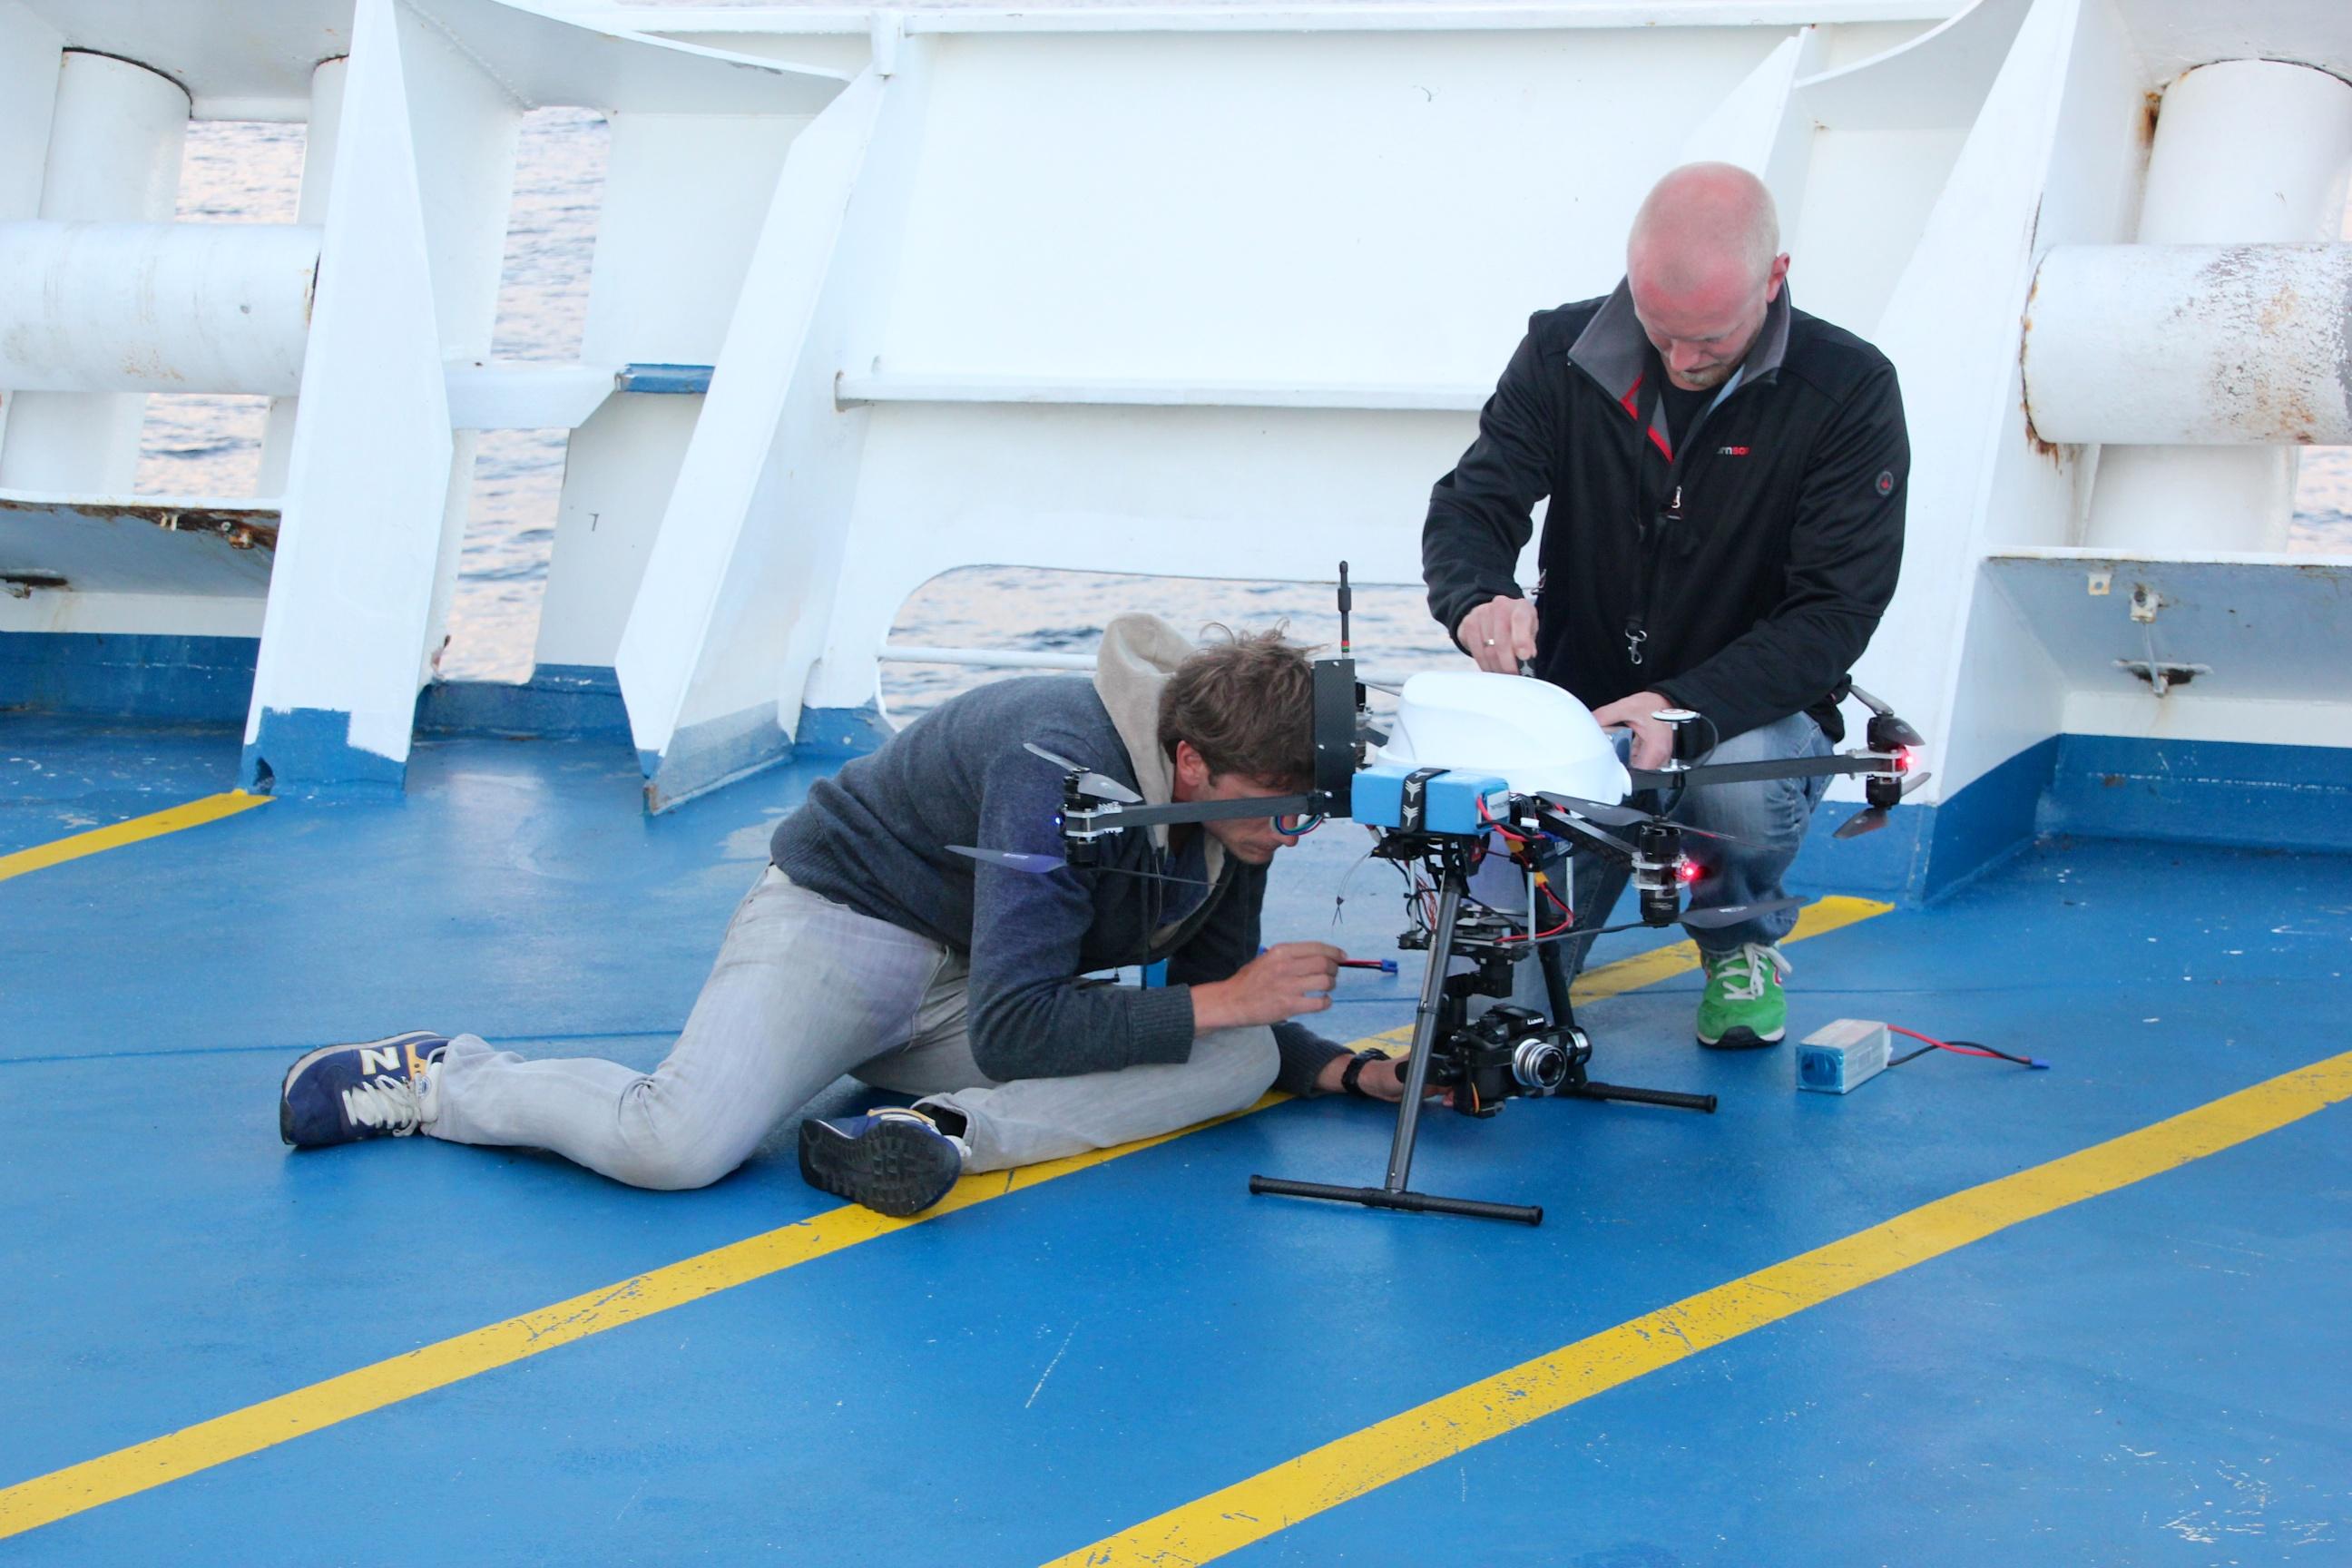 Fotoblog - drone aan boord van KING Seaways